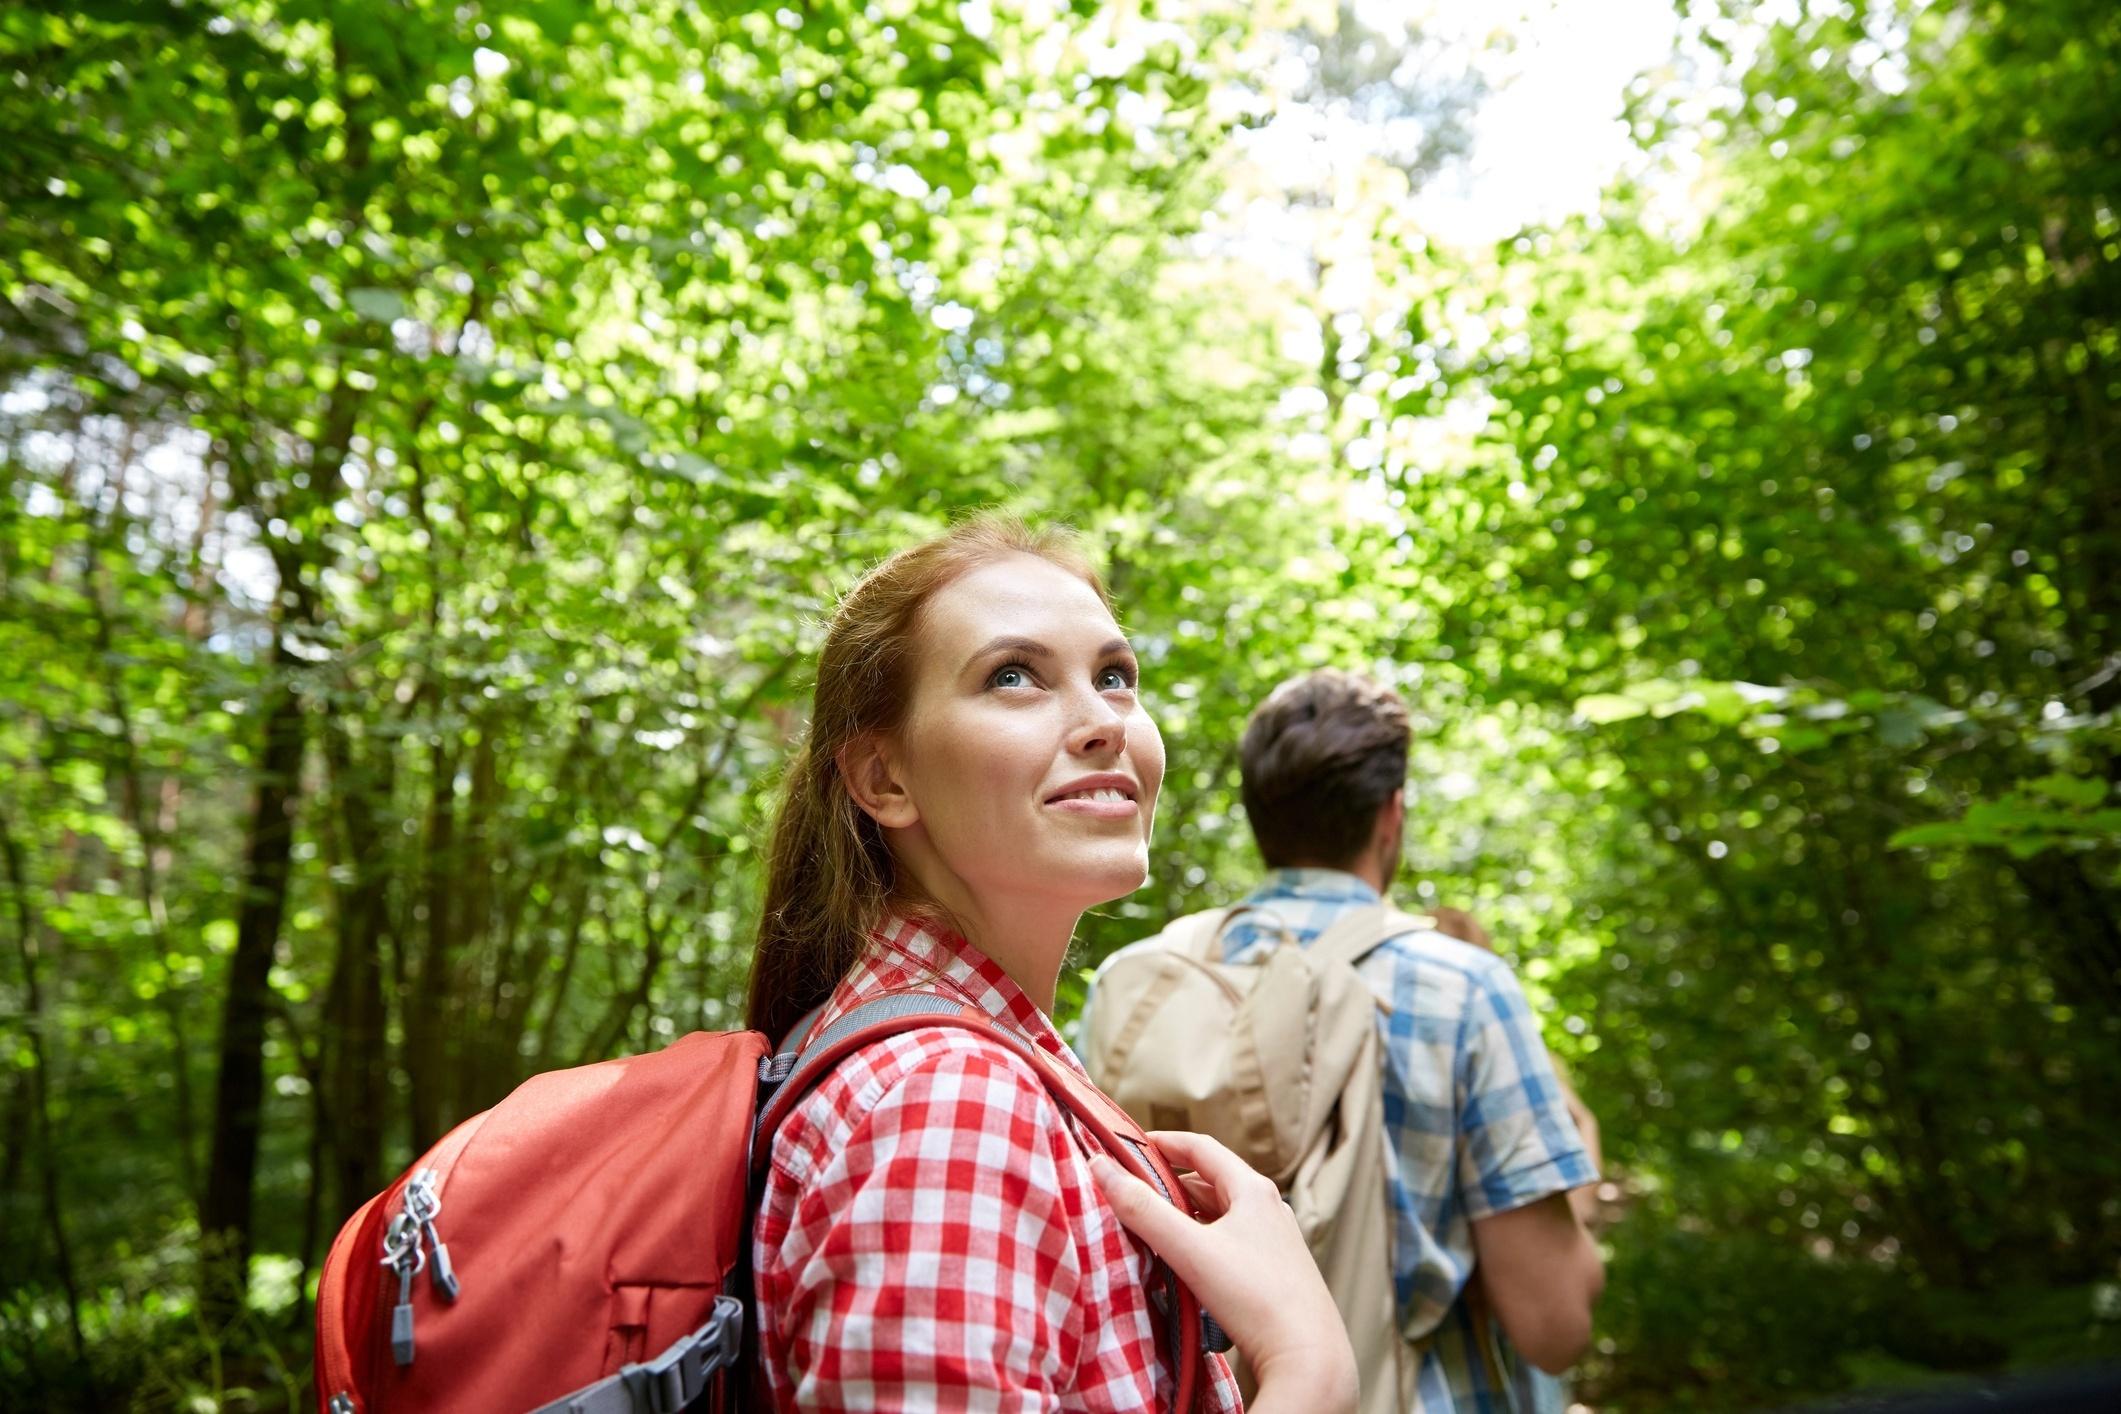 Mladá žena na výletě v přírodě